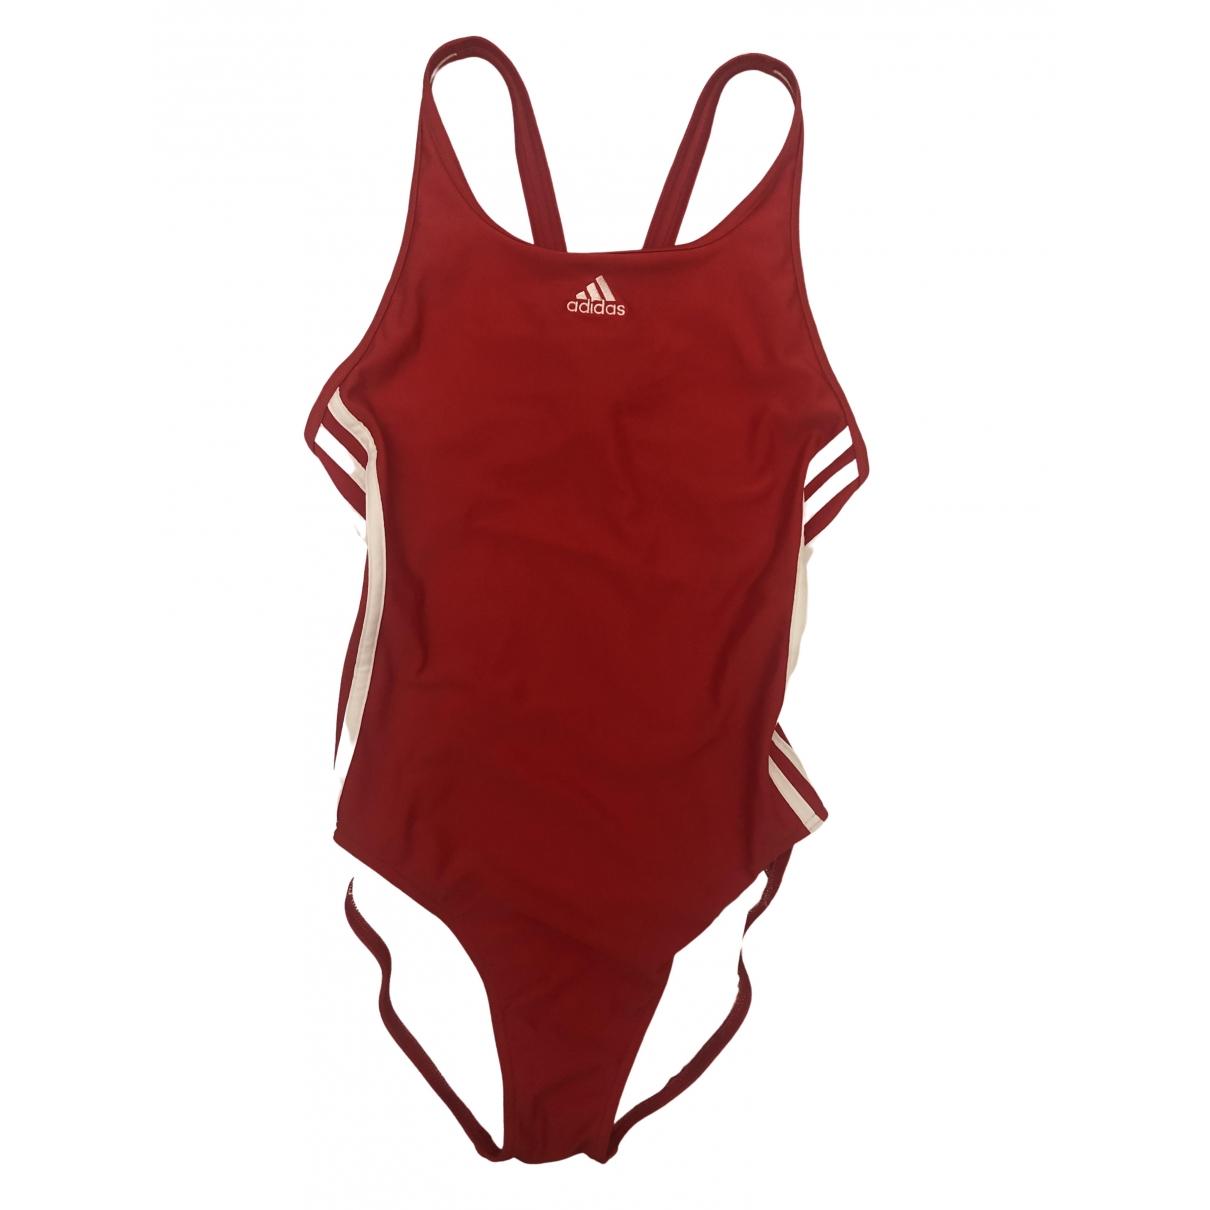 Adidas \N Badeanzug in  Rot Baumwolle - Elasthan